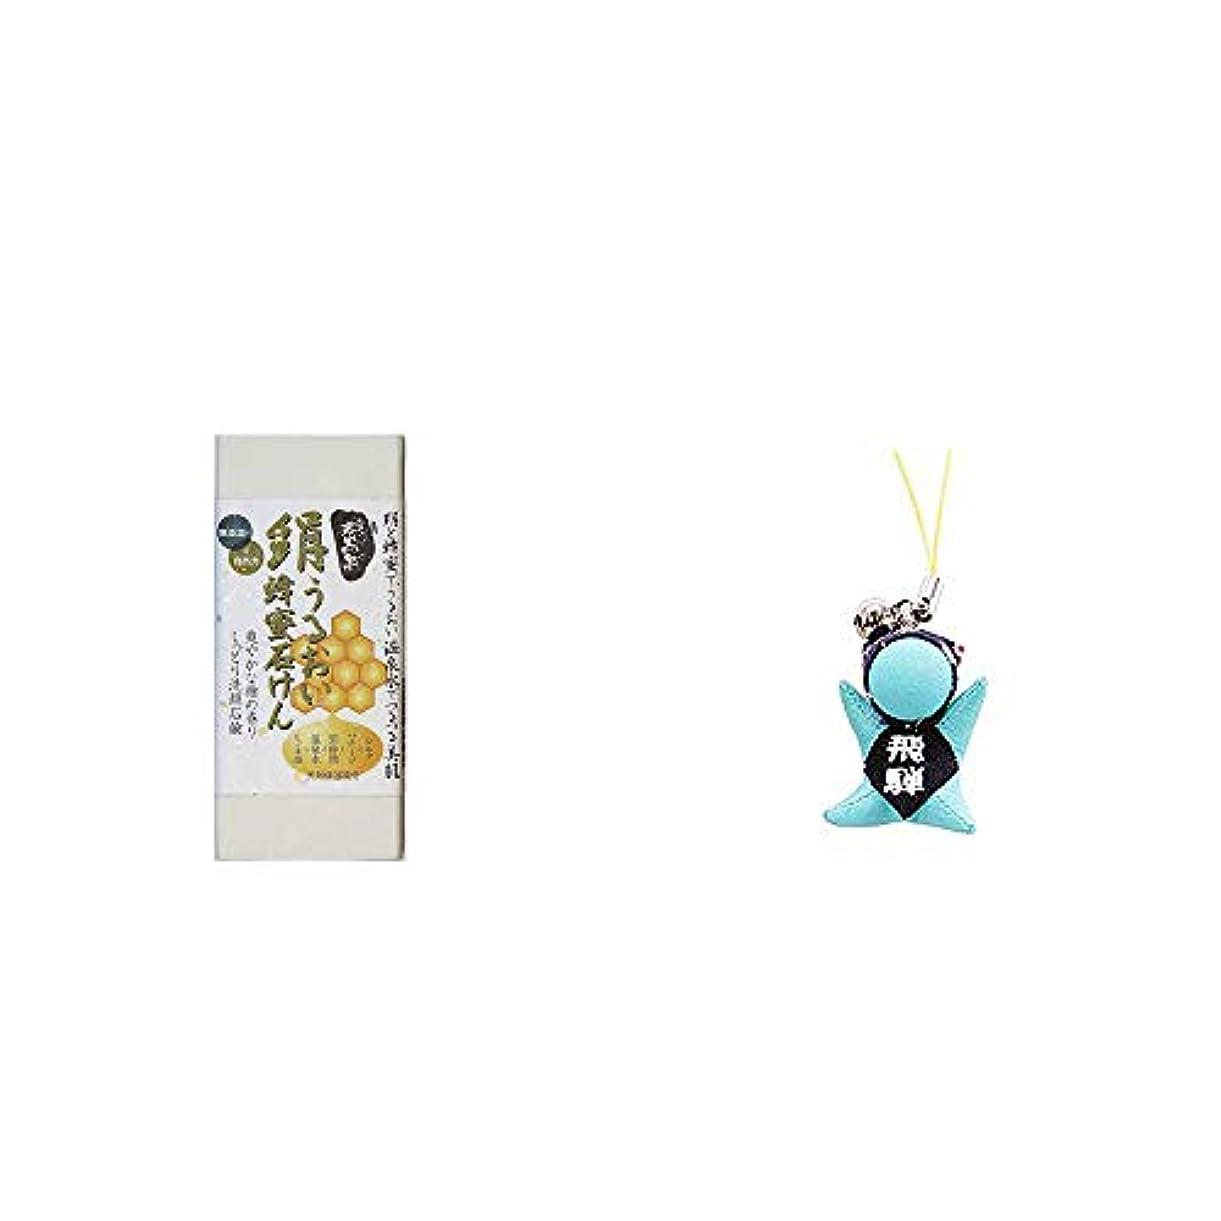 広がり試してみる意気消沈した[2点セット] ひのき炭黒泉 絹うるおい蜂蜜石けん(75g×2)?さるぼぼ幸福ストラップ 【青】 / 風水カラー全9種類 合格祈願?出世祈願 お守り//